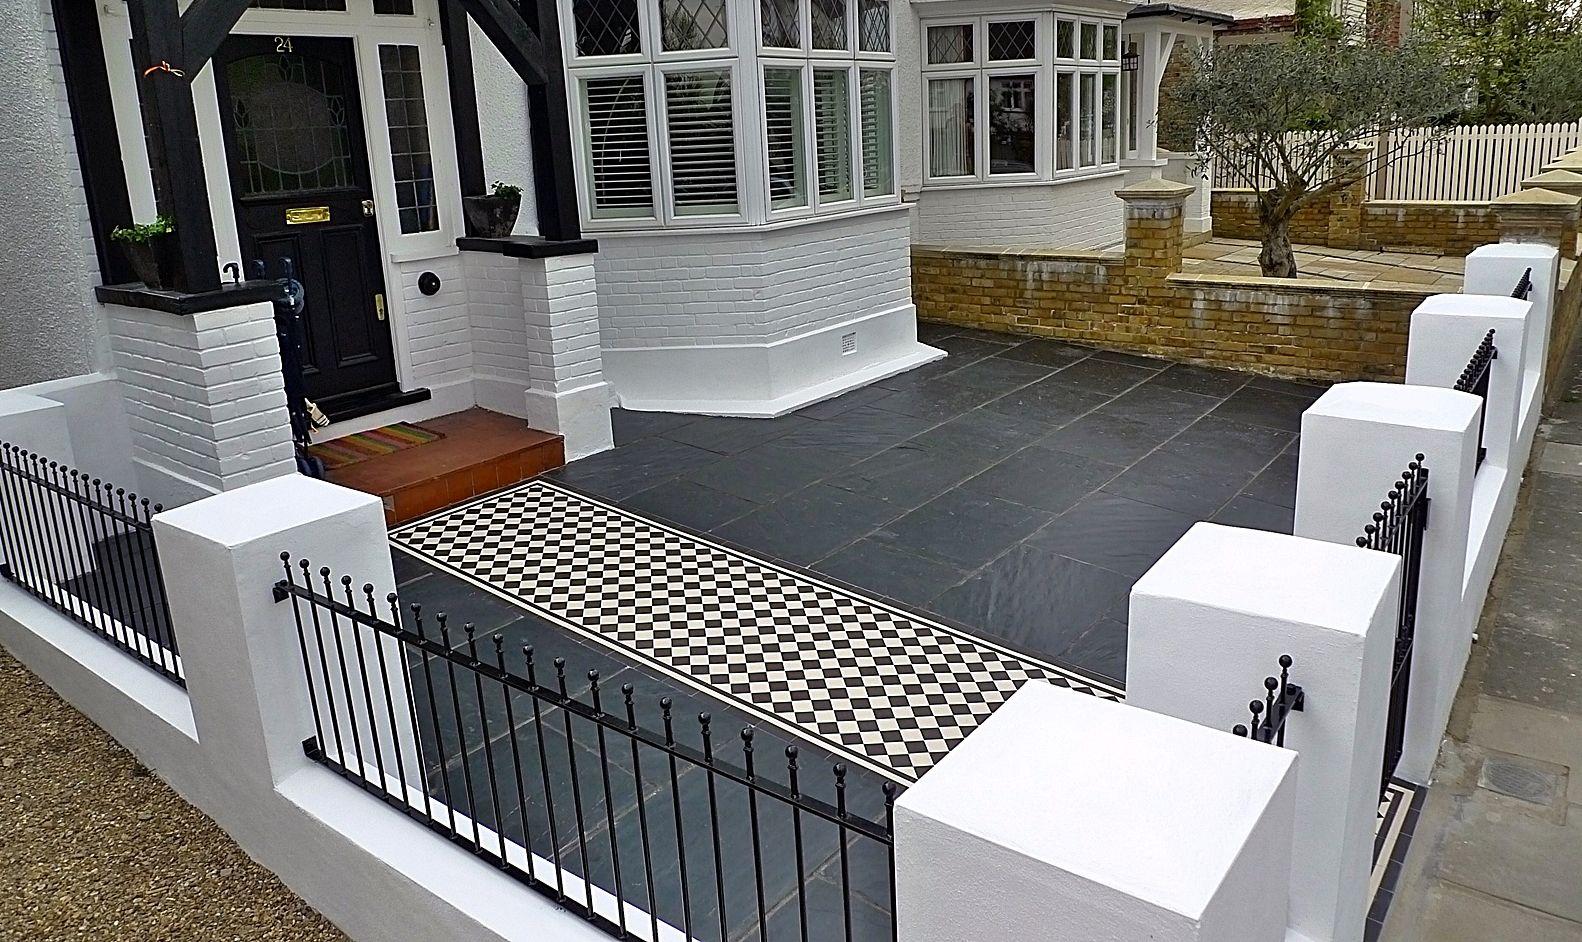 front garden design sheen richmond wandsworth london designs interior gardens pinterest interior garden garden ideas and gardens